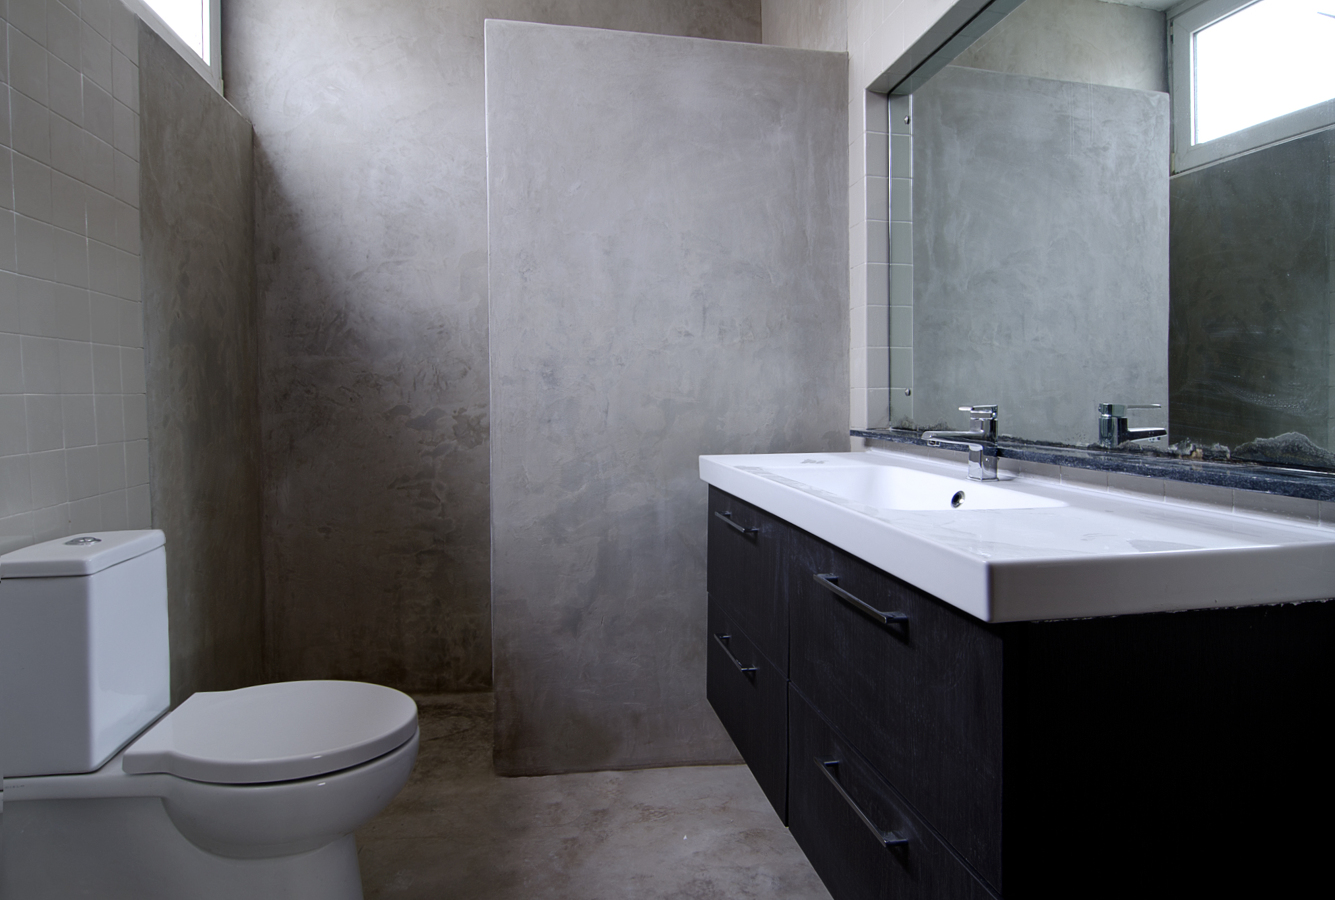 Foto ba o con paredes y suelo de microcemento de finwet for Microcemento imagenes